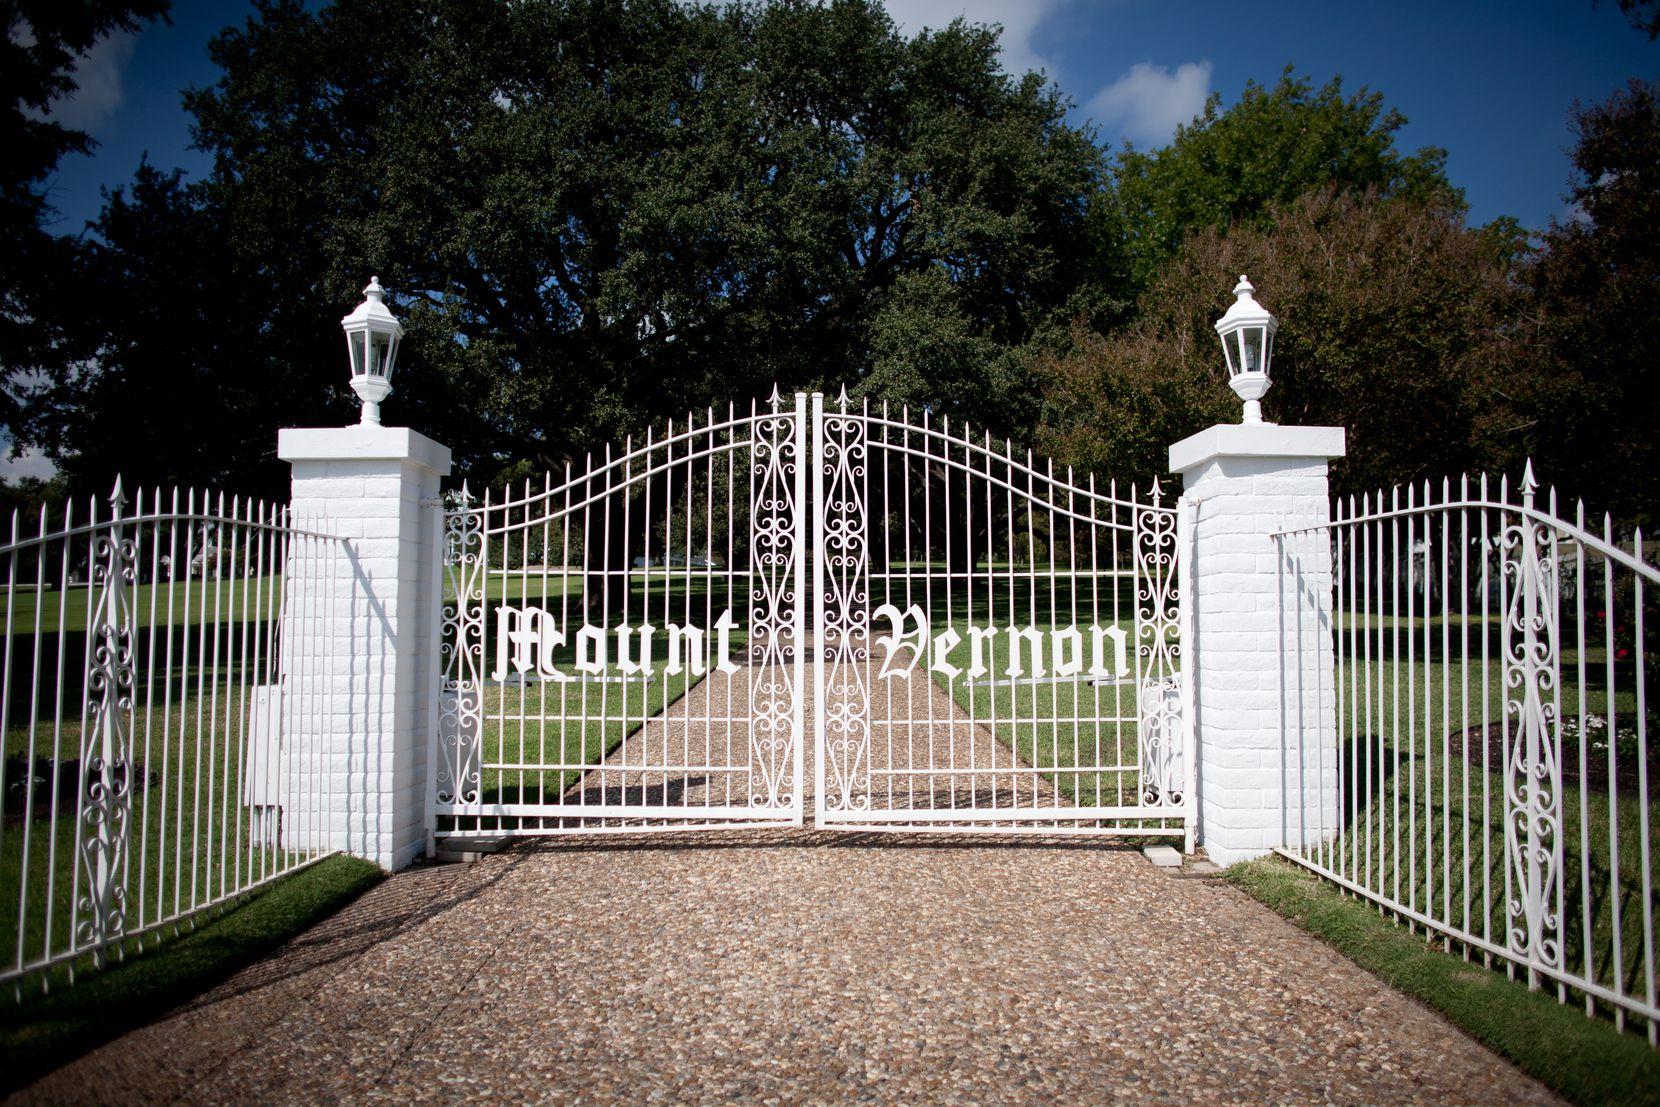 The white gates to the estate carry the Mount Vernon moniker.